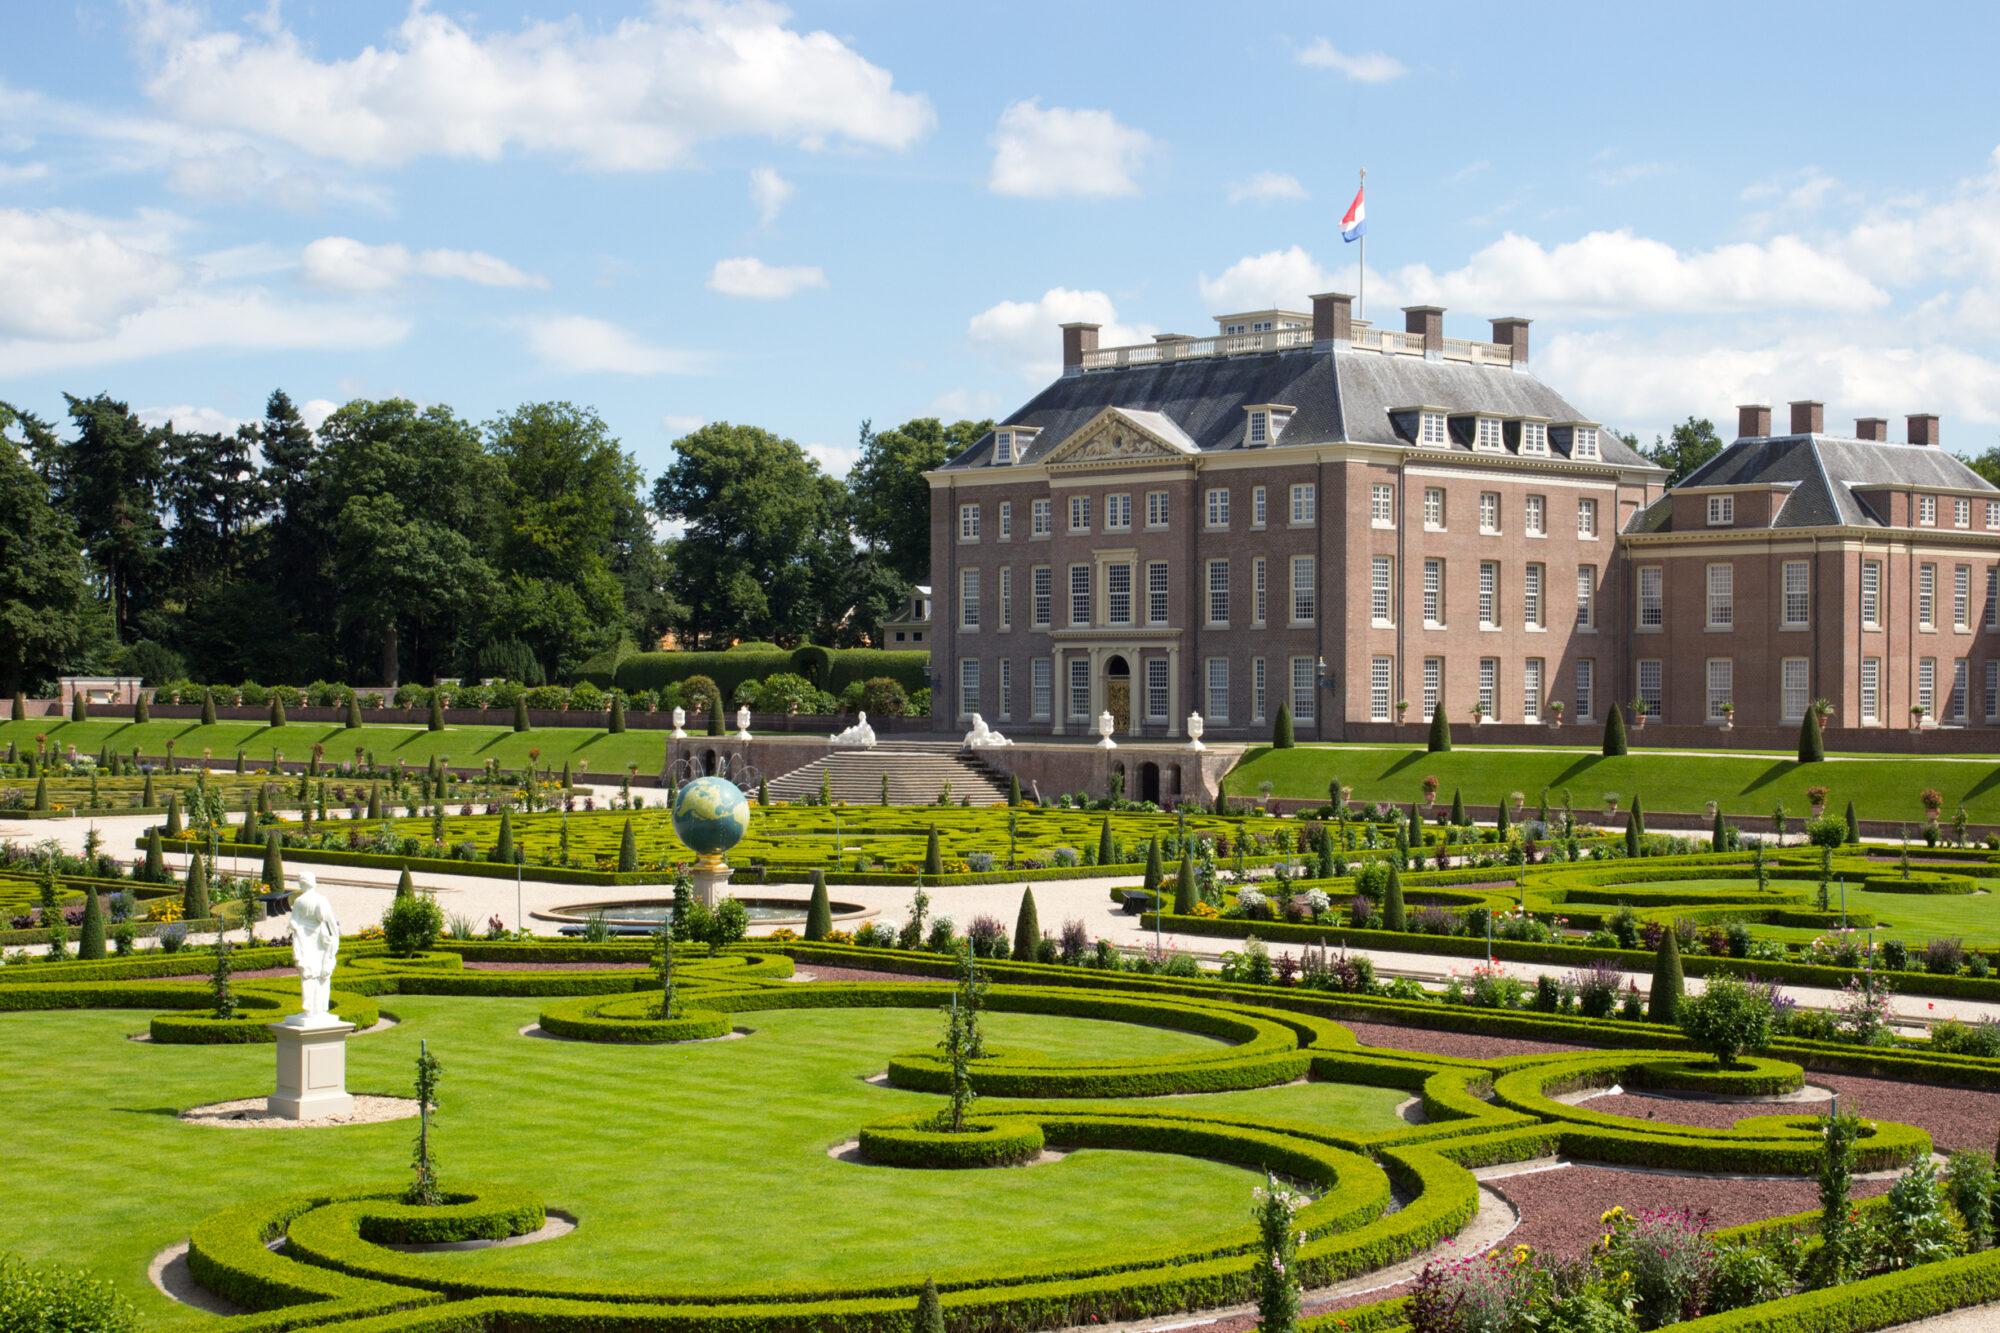 Het Koninklijk jaar van Apeldoorn en de Veluwe in 2022